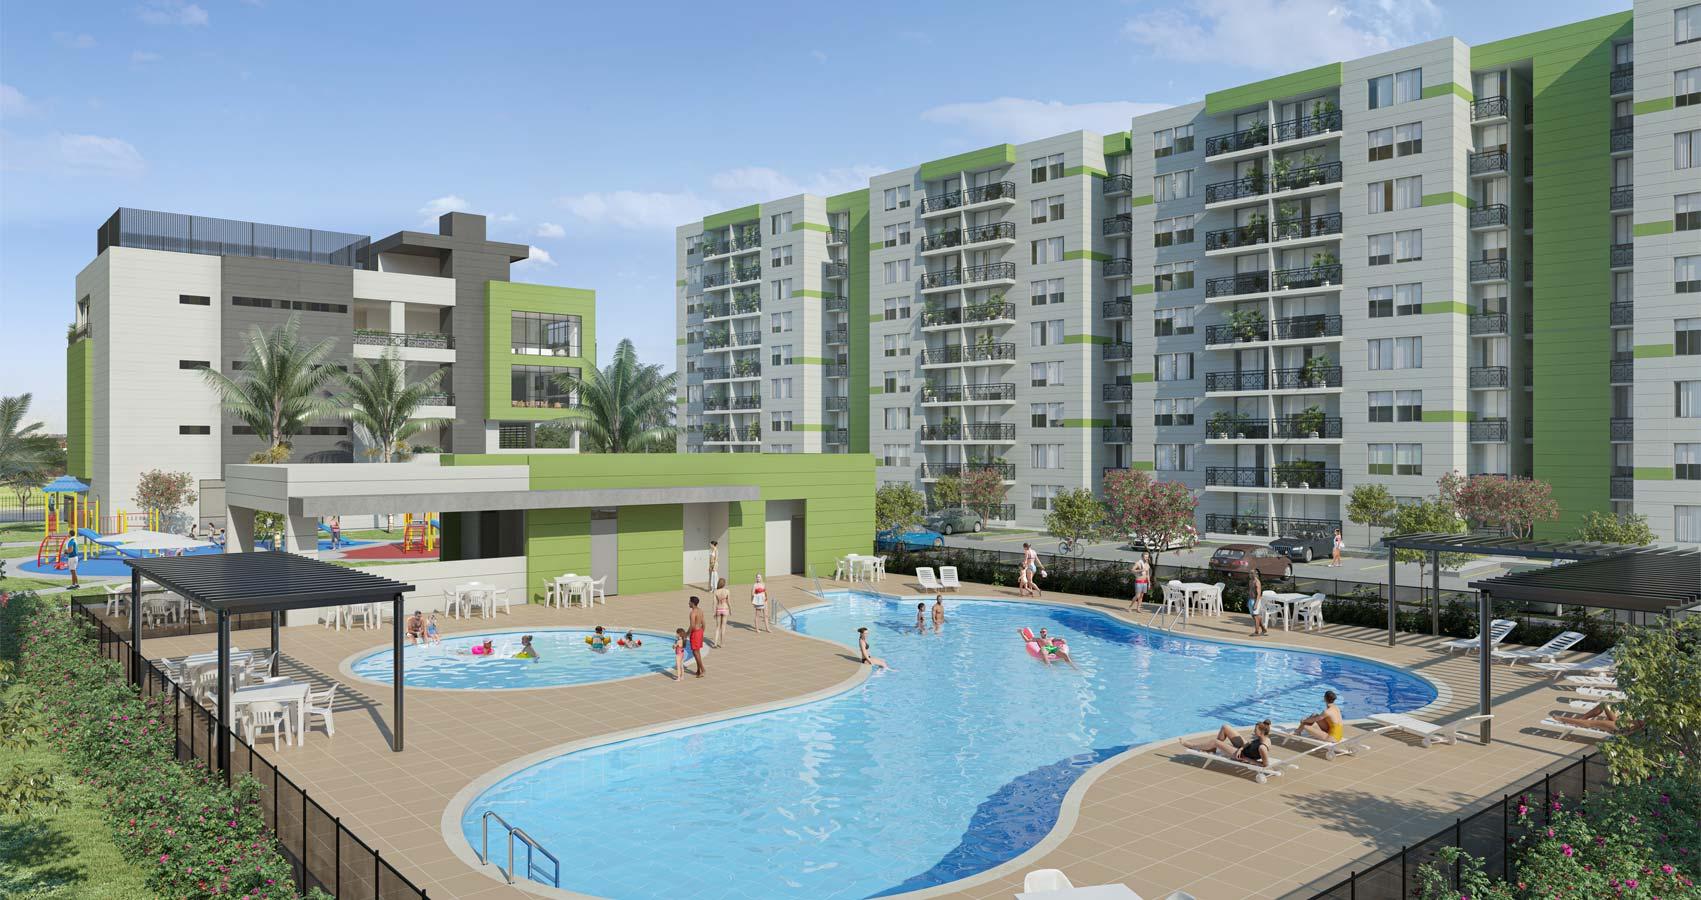 piscinas  Flora Proyecto de vivienda en Santa Marta, constructora Bolívar